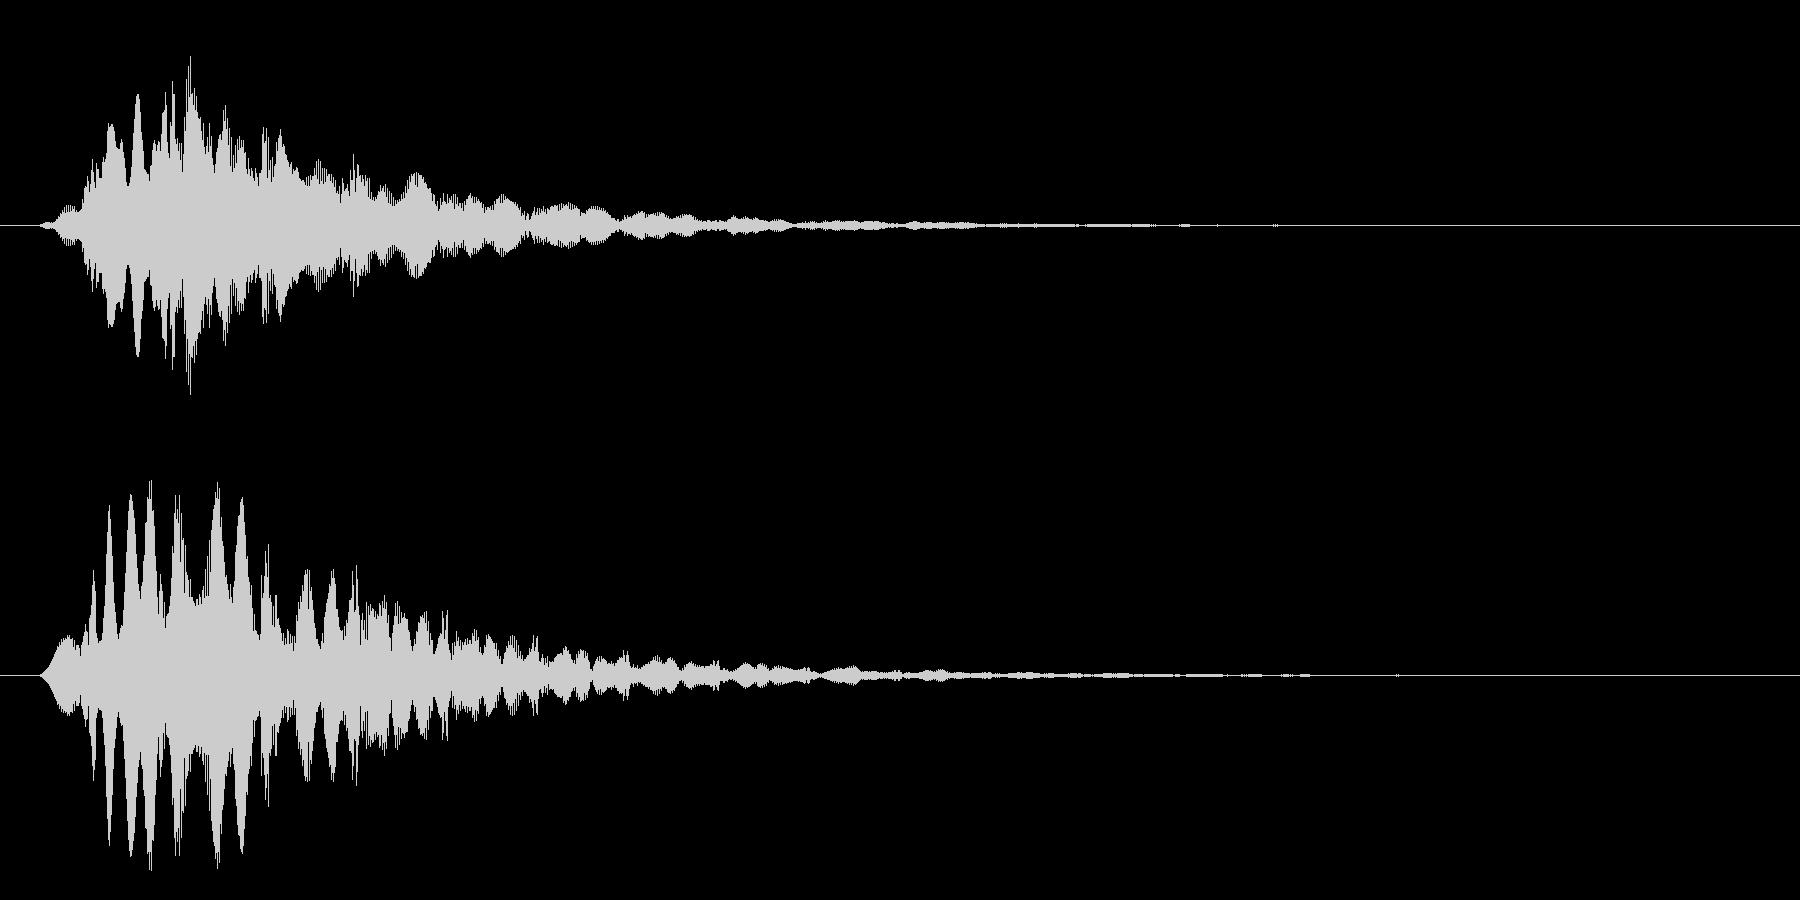 フィヨンー(響き有)の未再生の波形